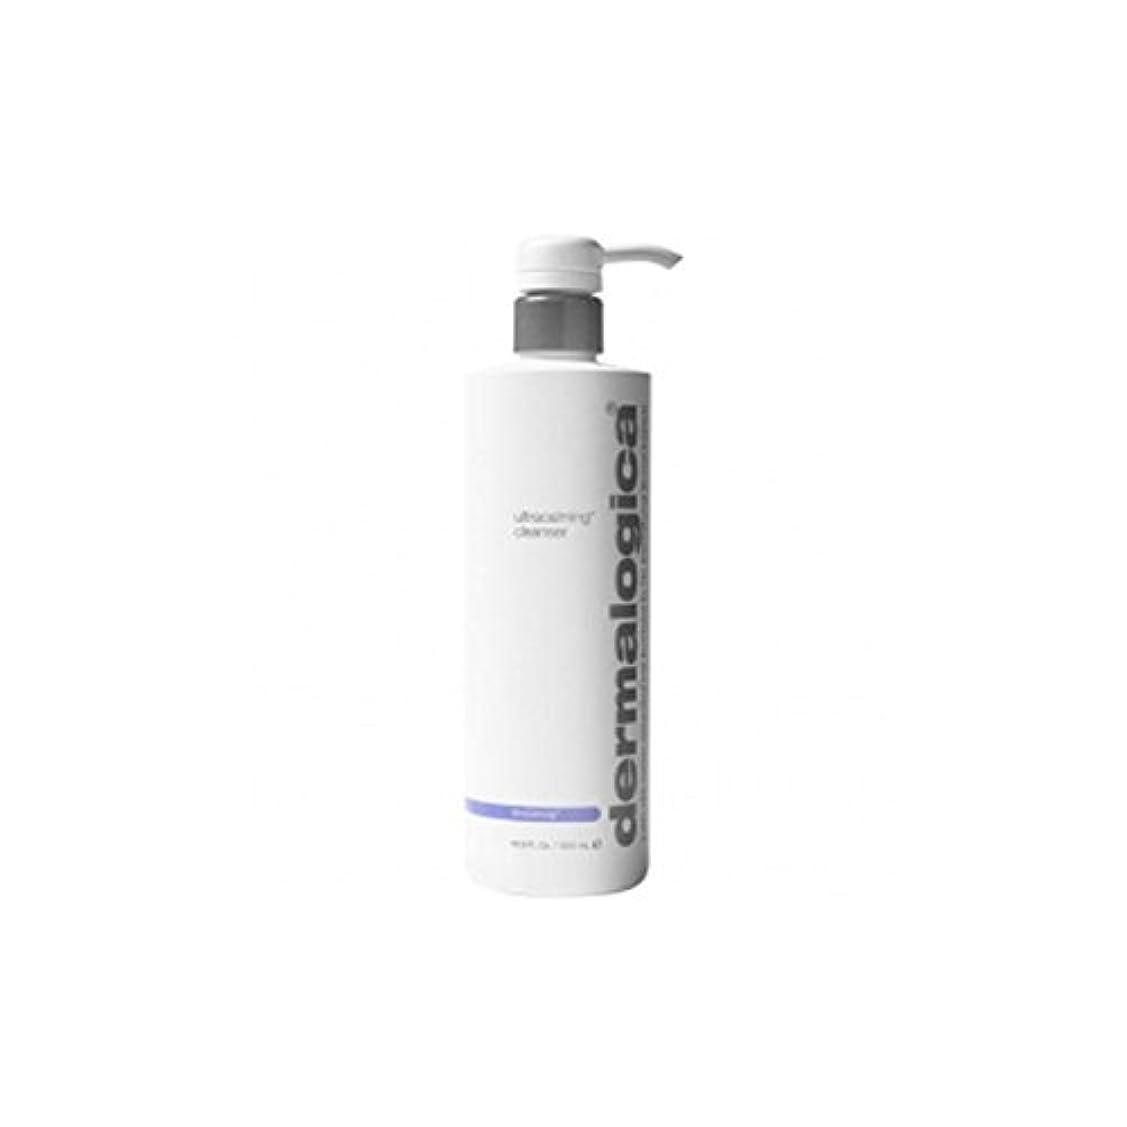 戦術読者付添人ダーマロジカクレンザー(500ミリリットル) x2 - Dermalogica Ultracalming Cleanser (500ml) (Pack of 2) [並行輸入品]